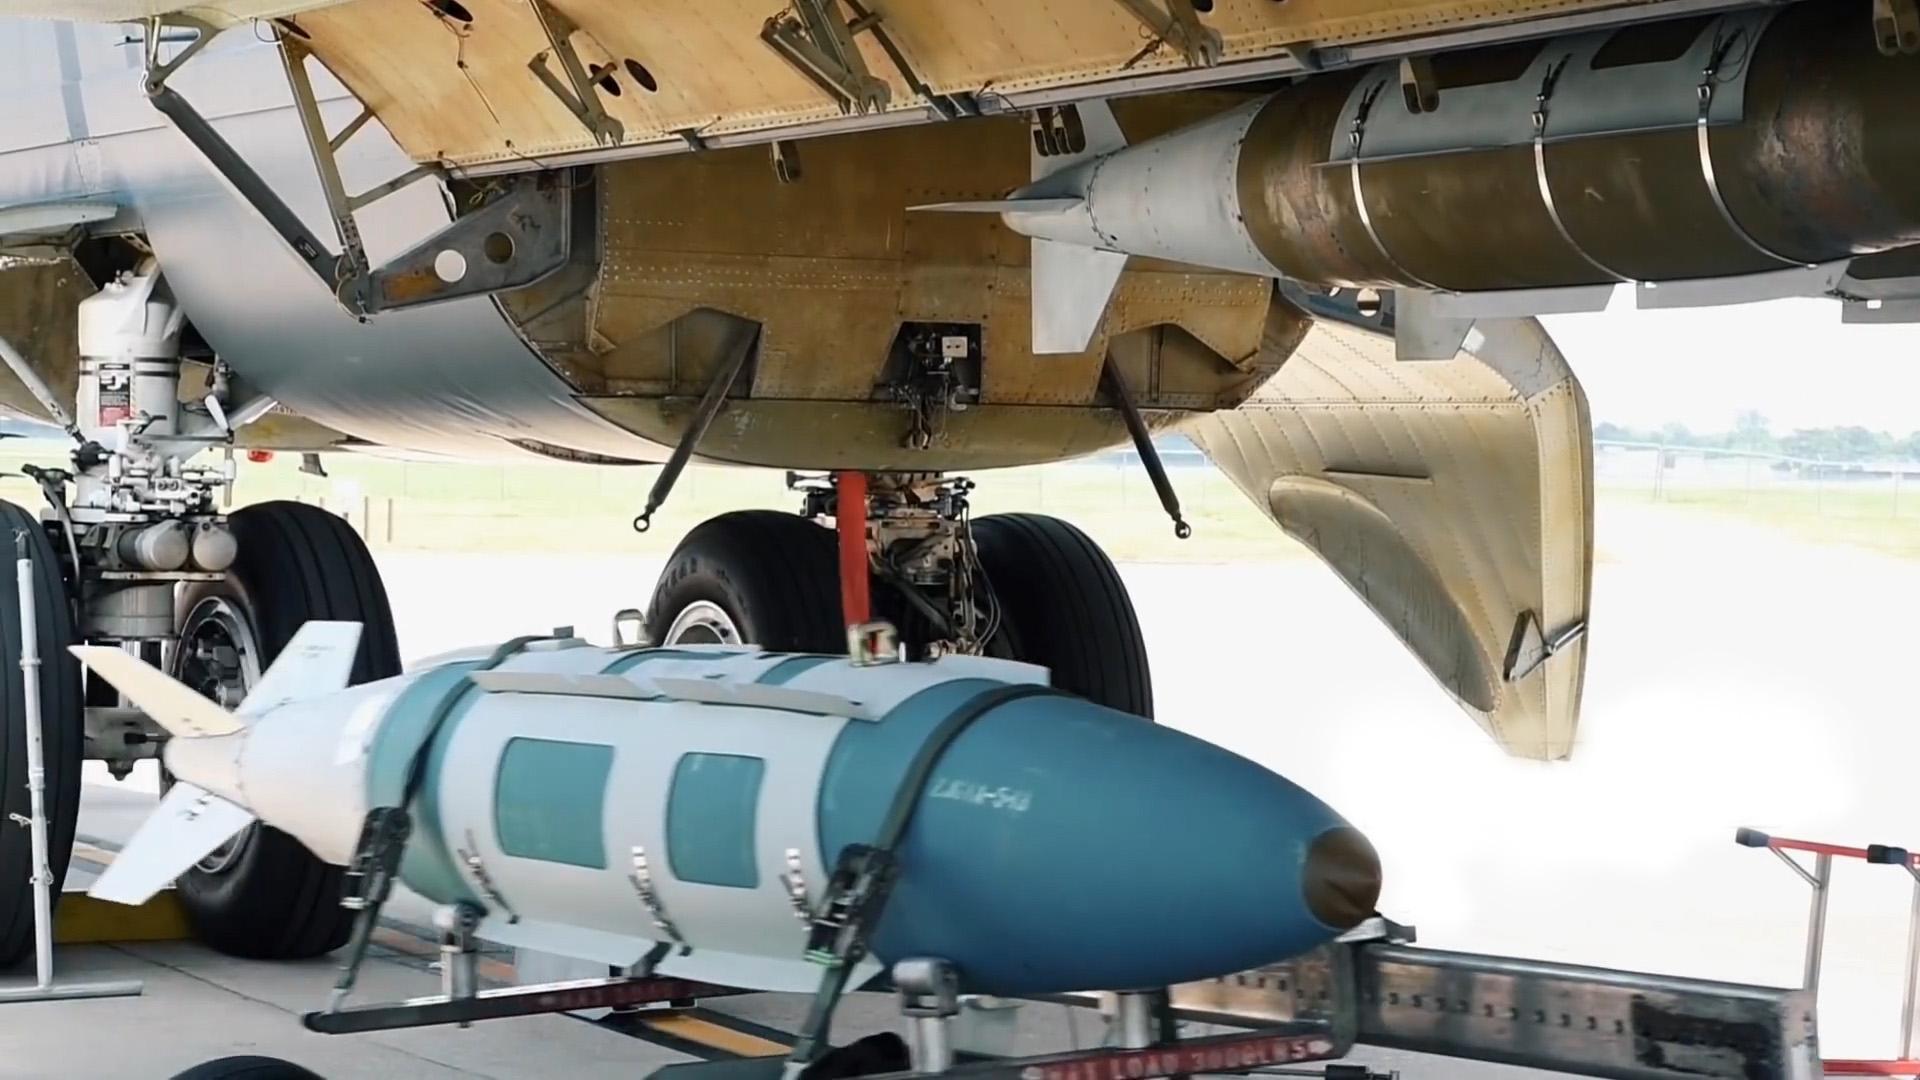 美国空军地勤人员,为B-52战略轰炸机,装载武器弹药!